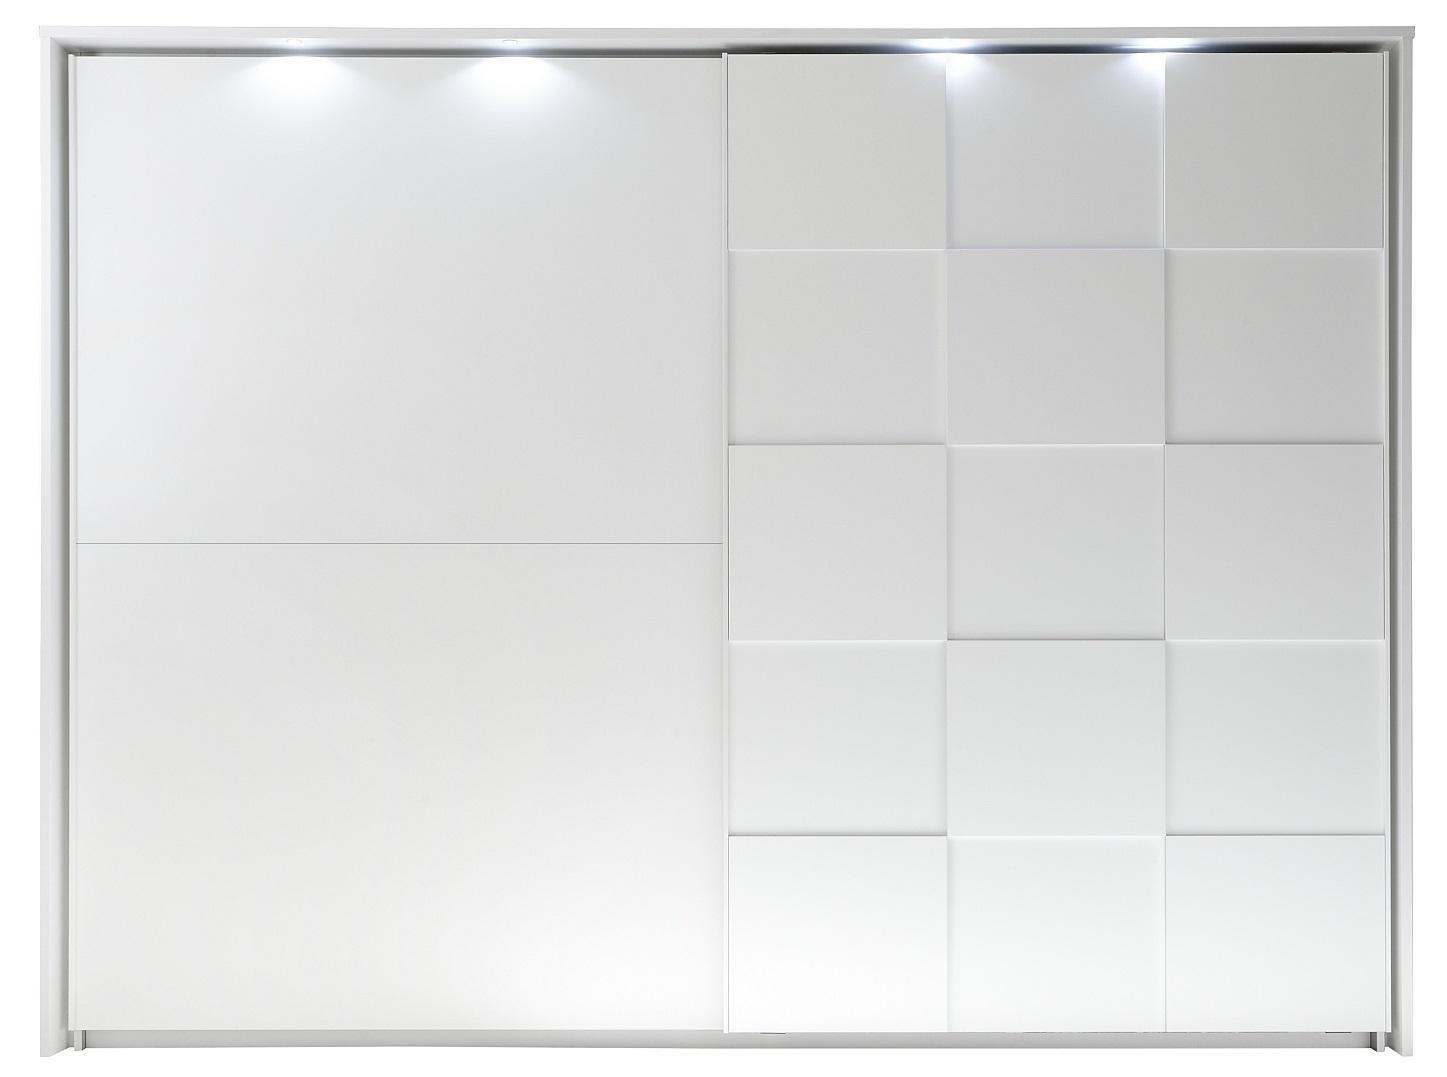 slaapkamerkast zweefdeurkast Ottica 275 cm breed in mat wit